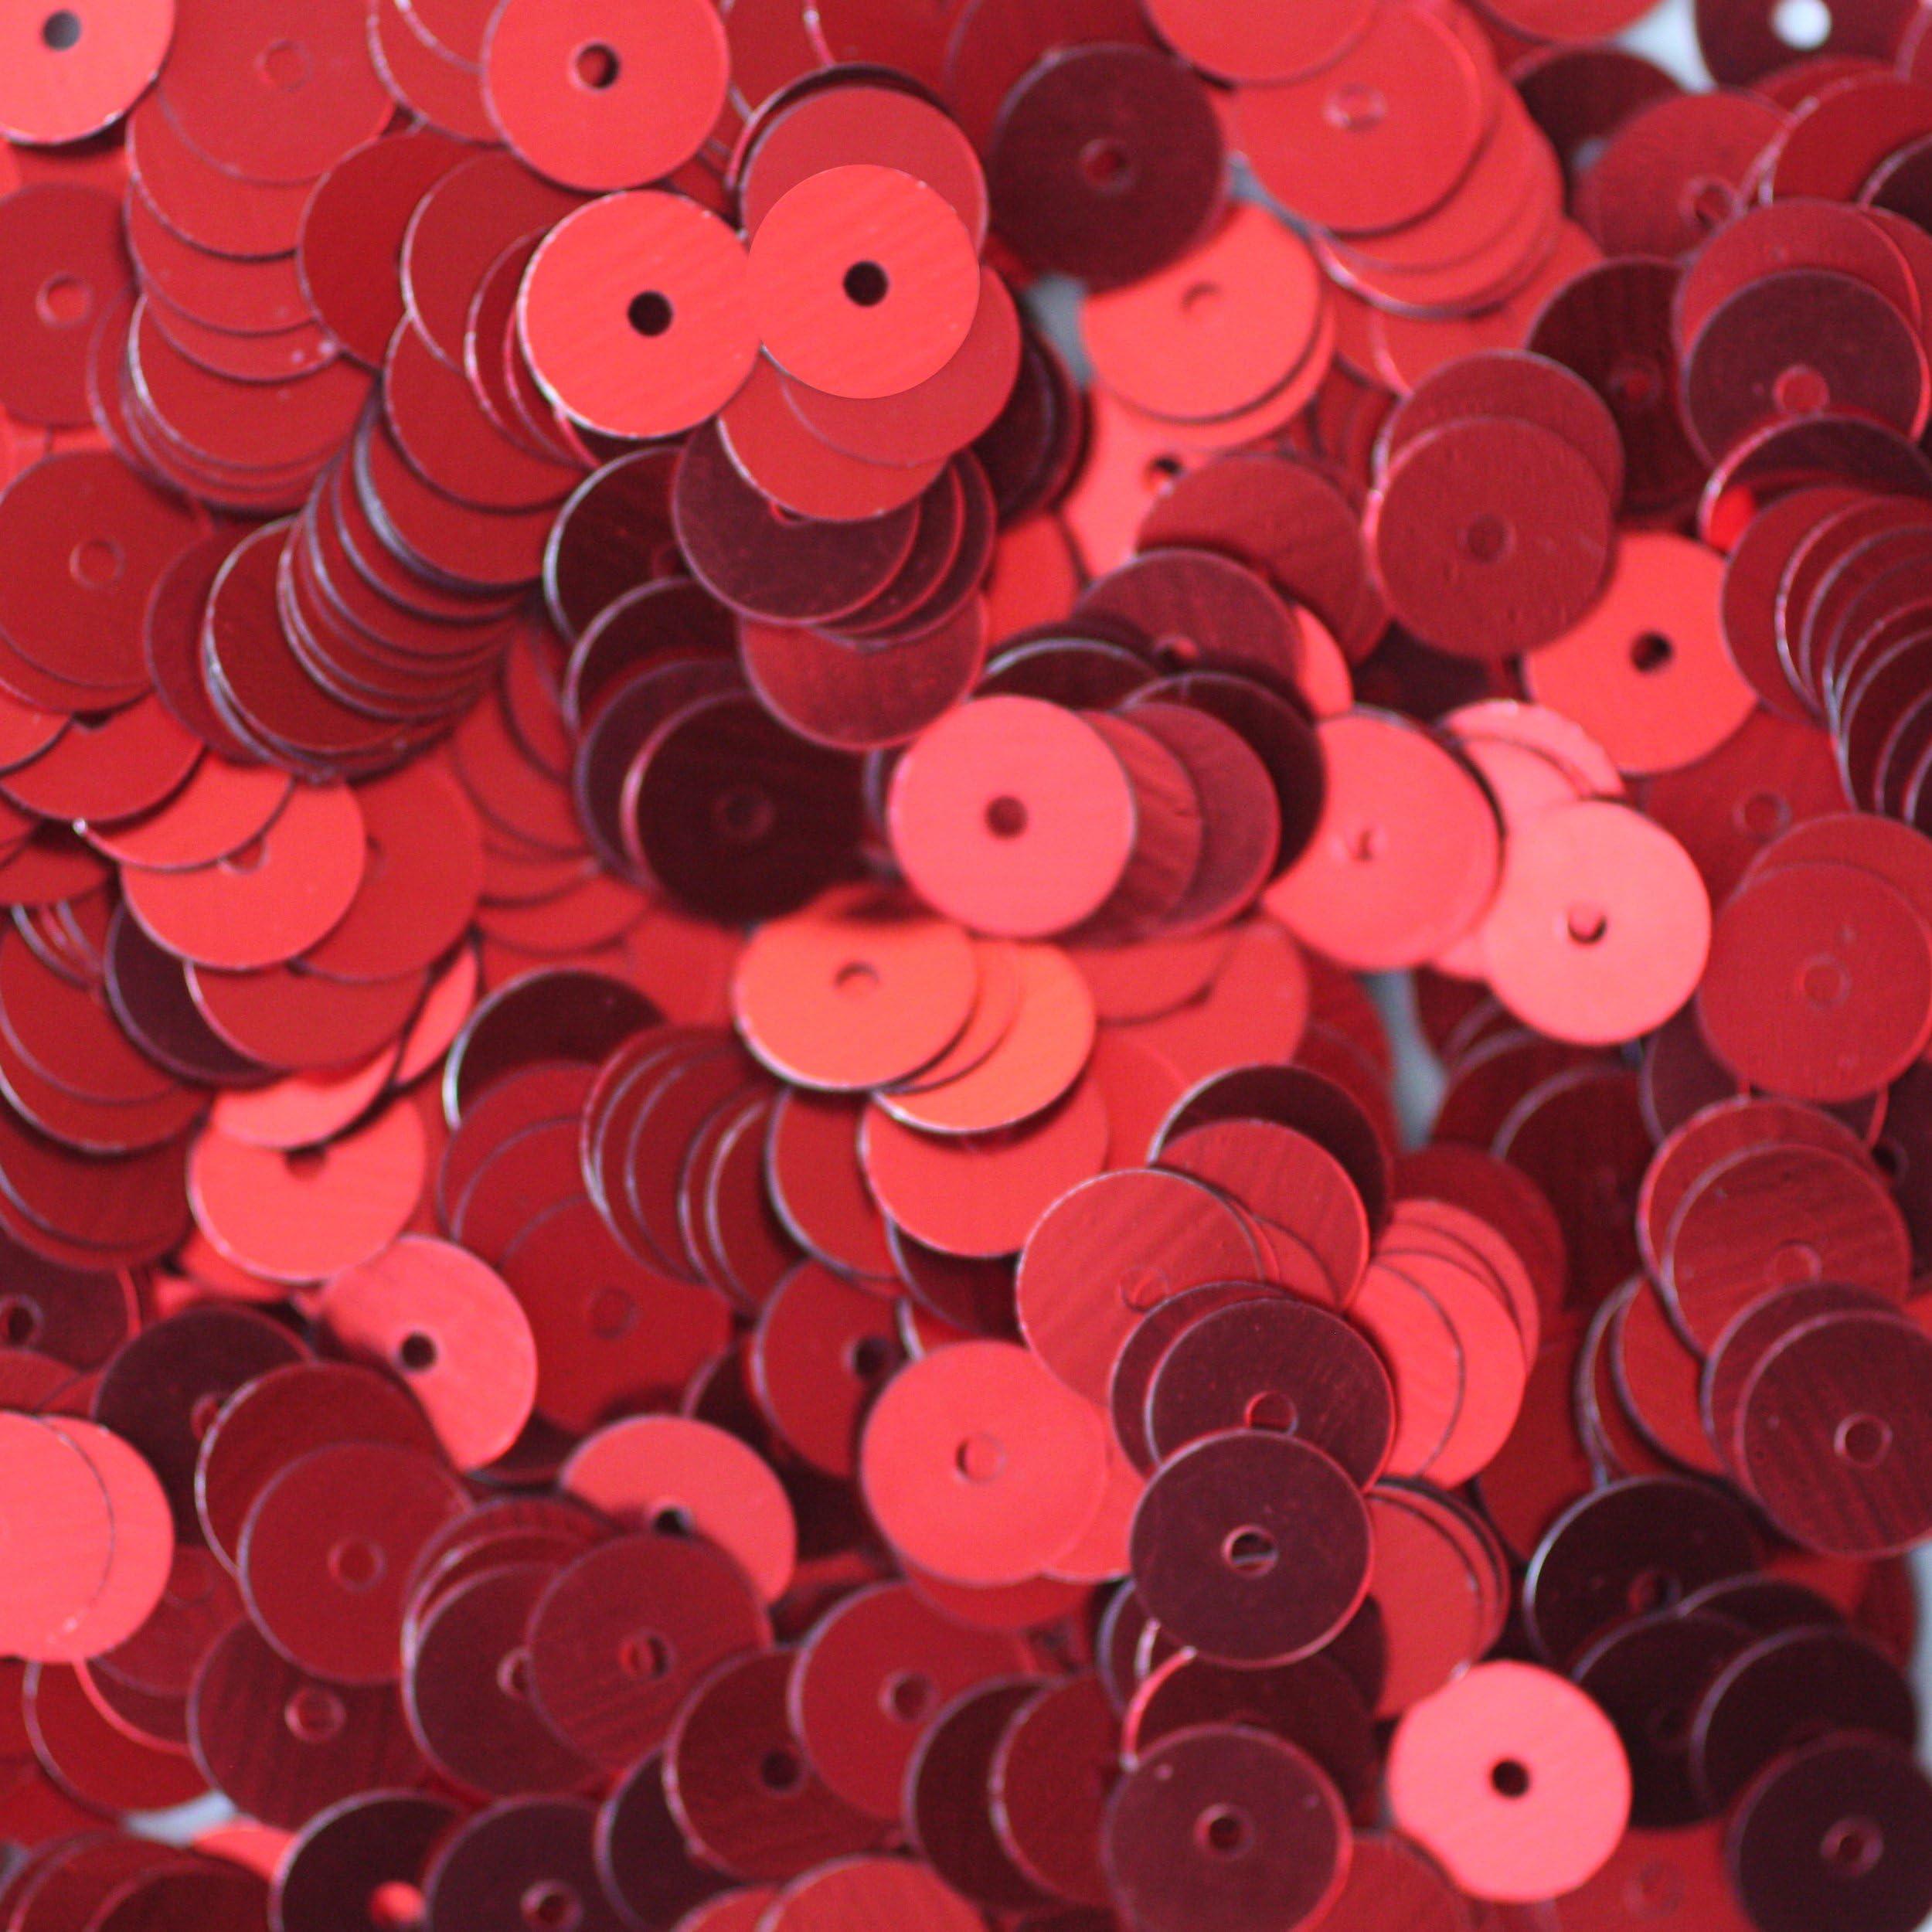 Oriental Salmon color-Sequins-Pailettes-4 mm sequins-Round sequins-Flat Sequins